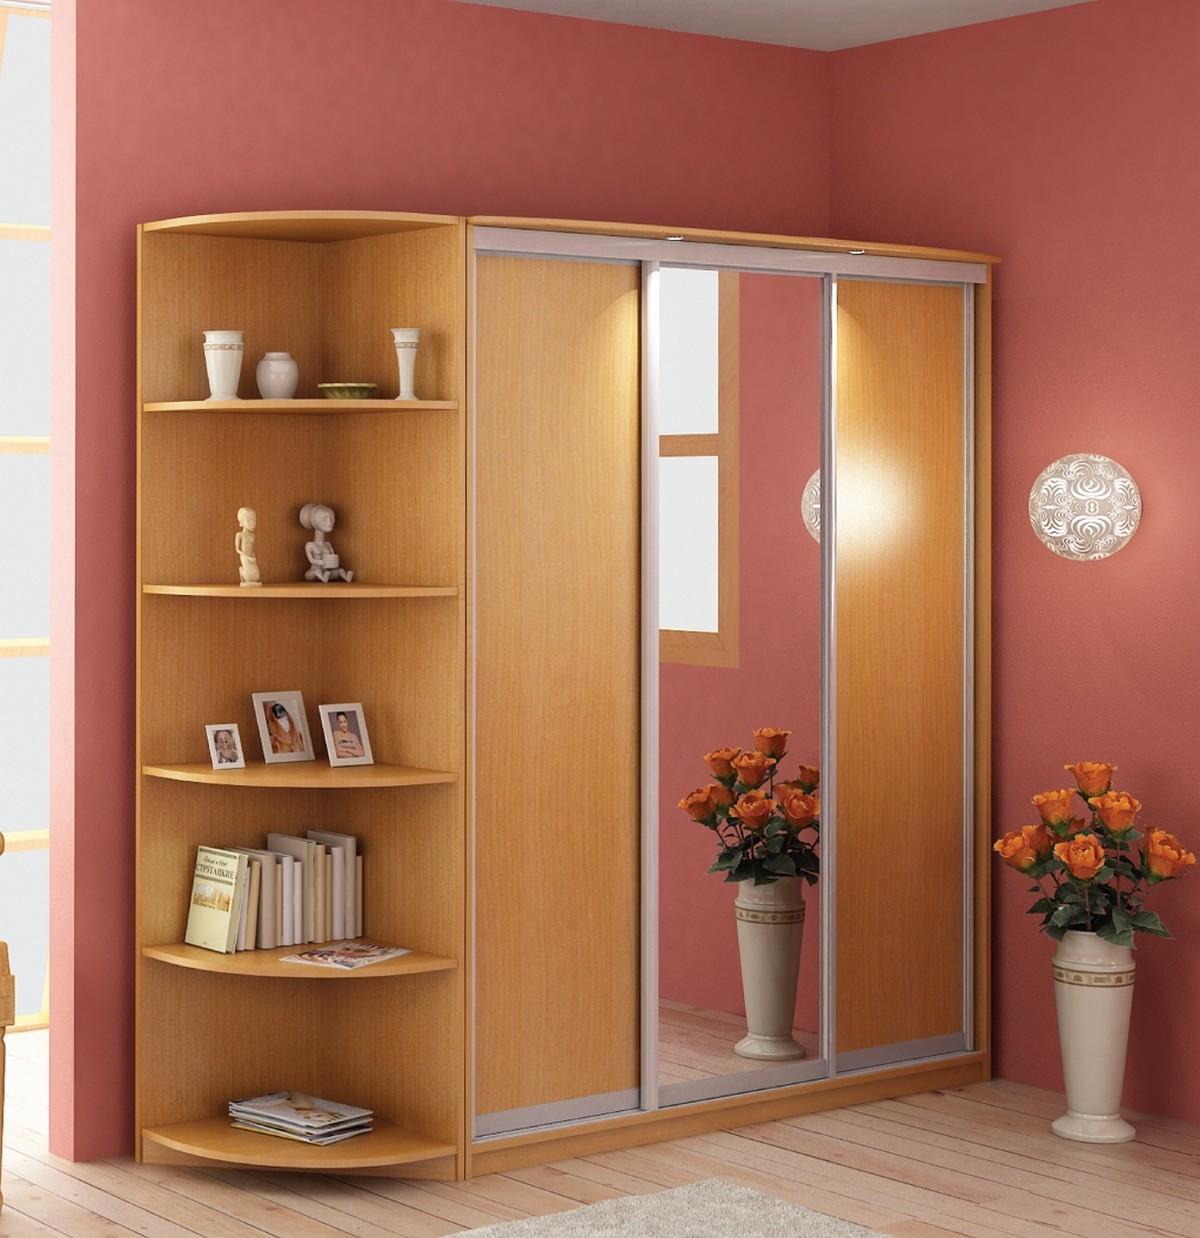 Шкафы-купе салон студия мебели кухни и шкафы краснодар.